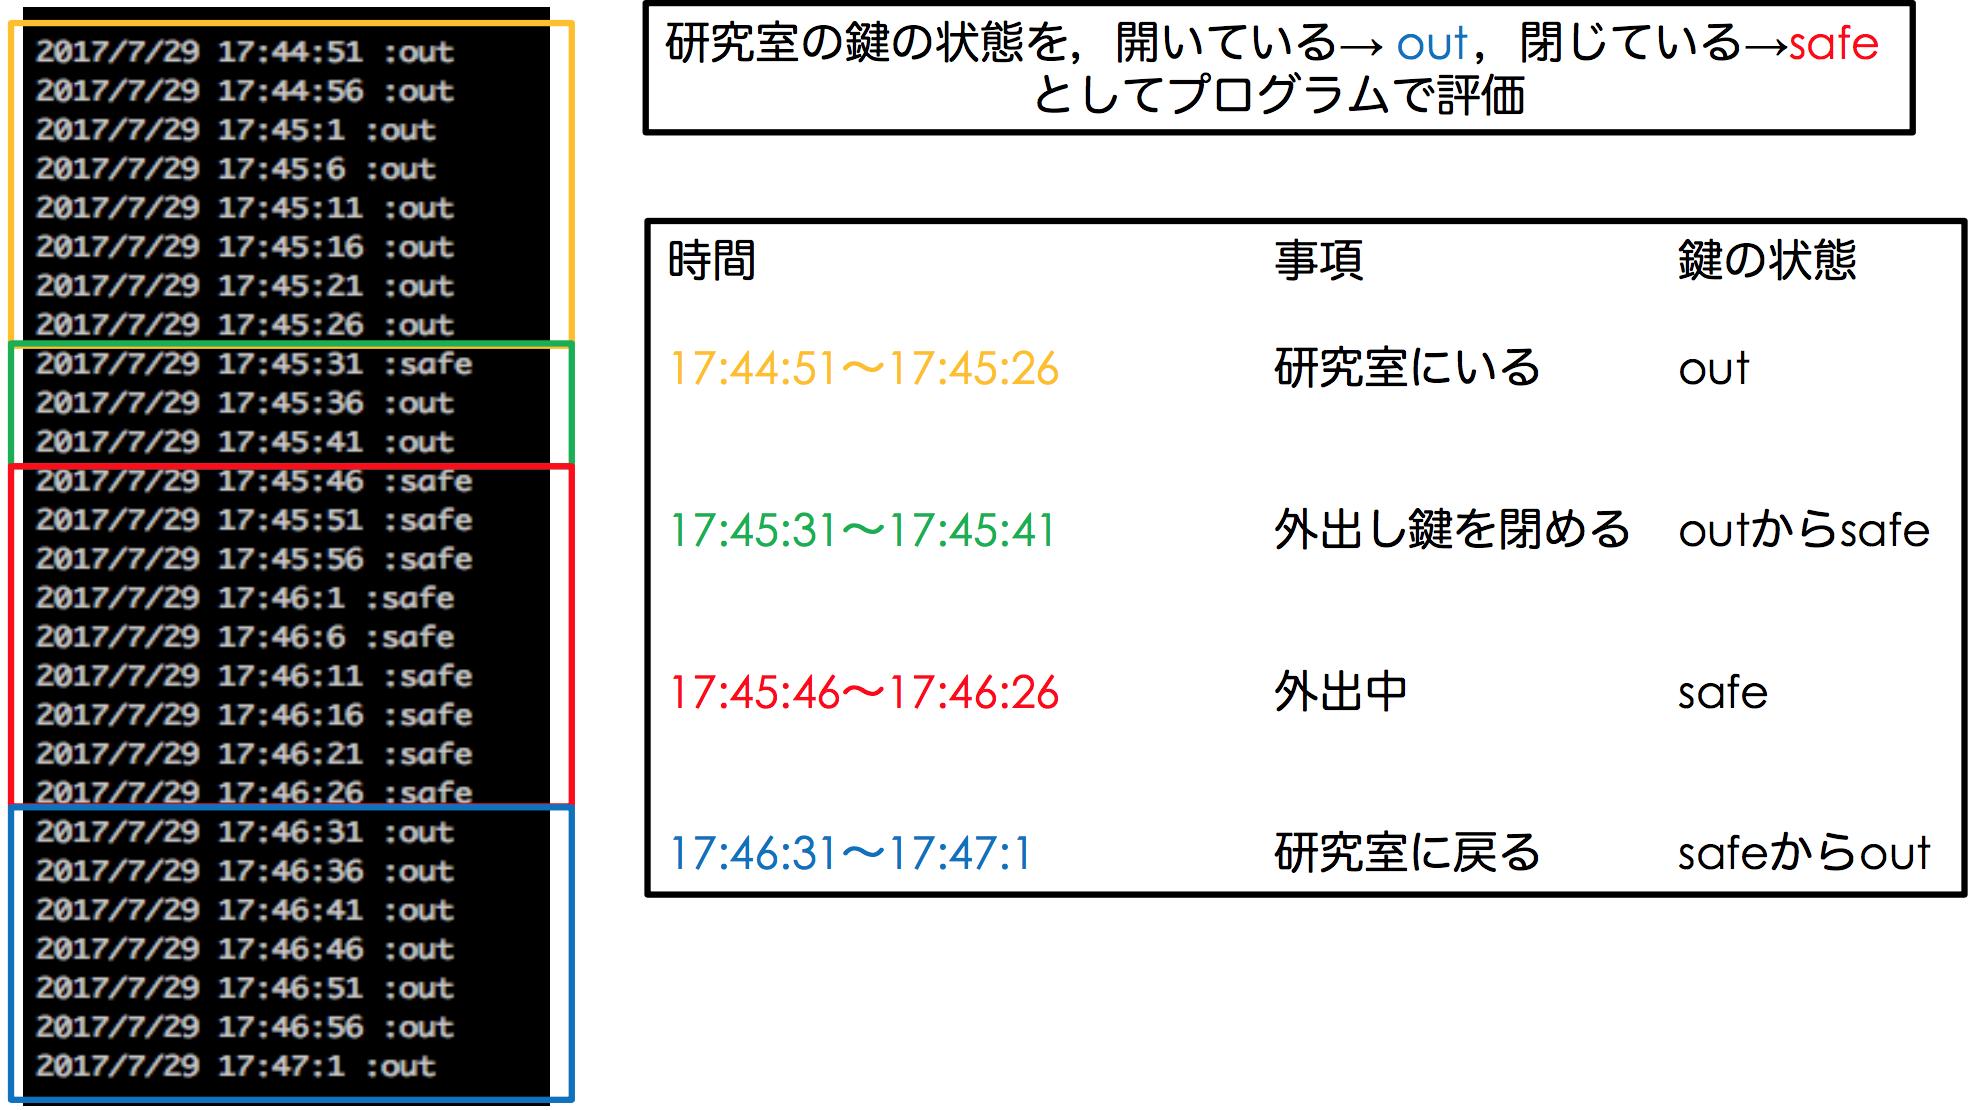 スクリーンショット 0029-12-02 午後2.36.20.png